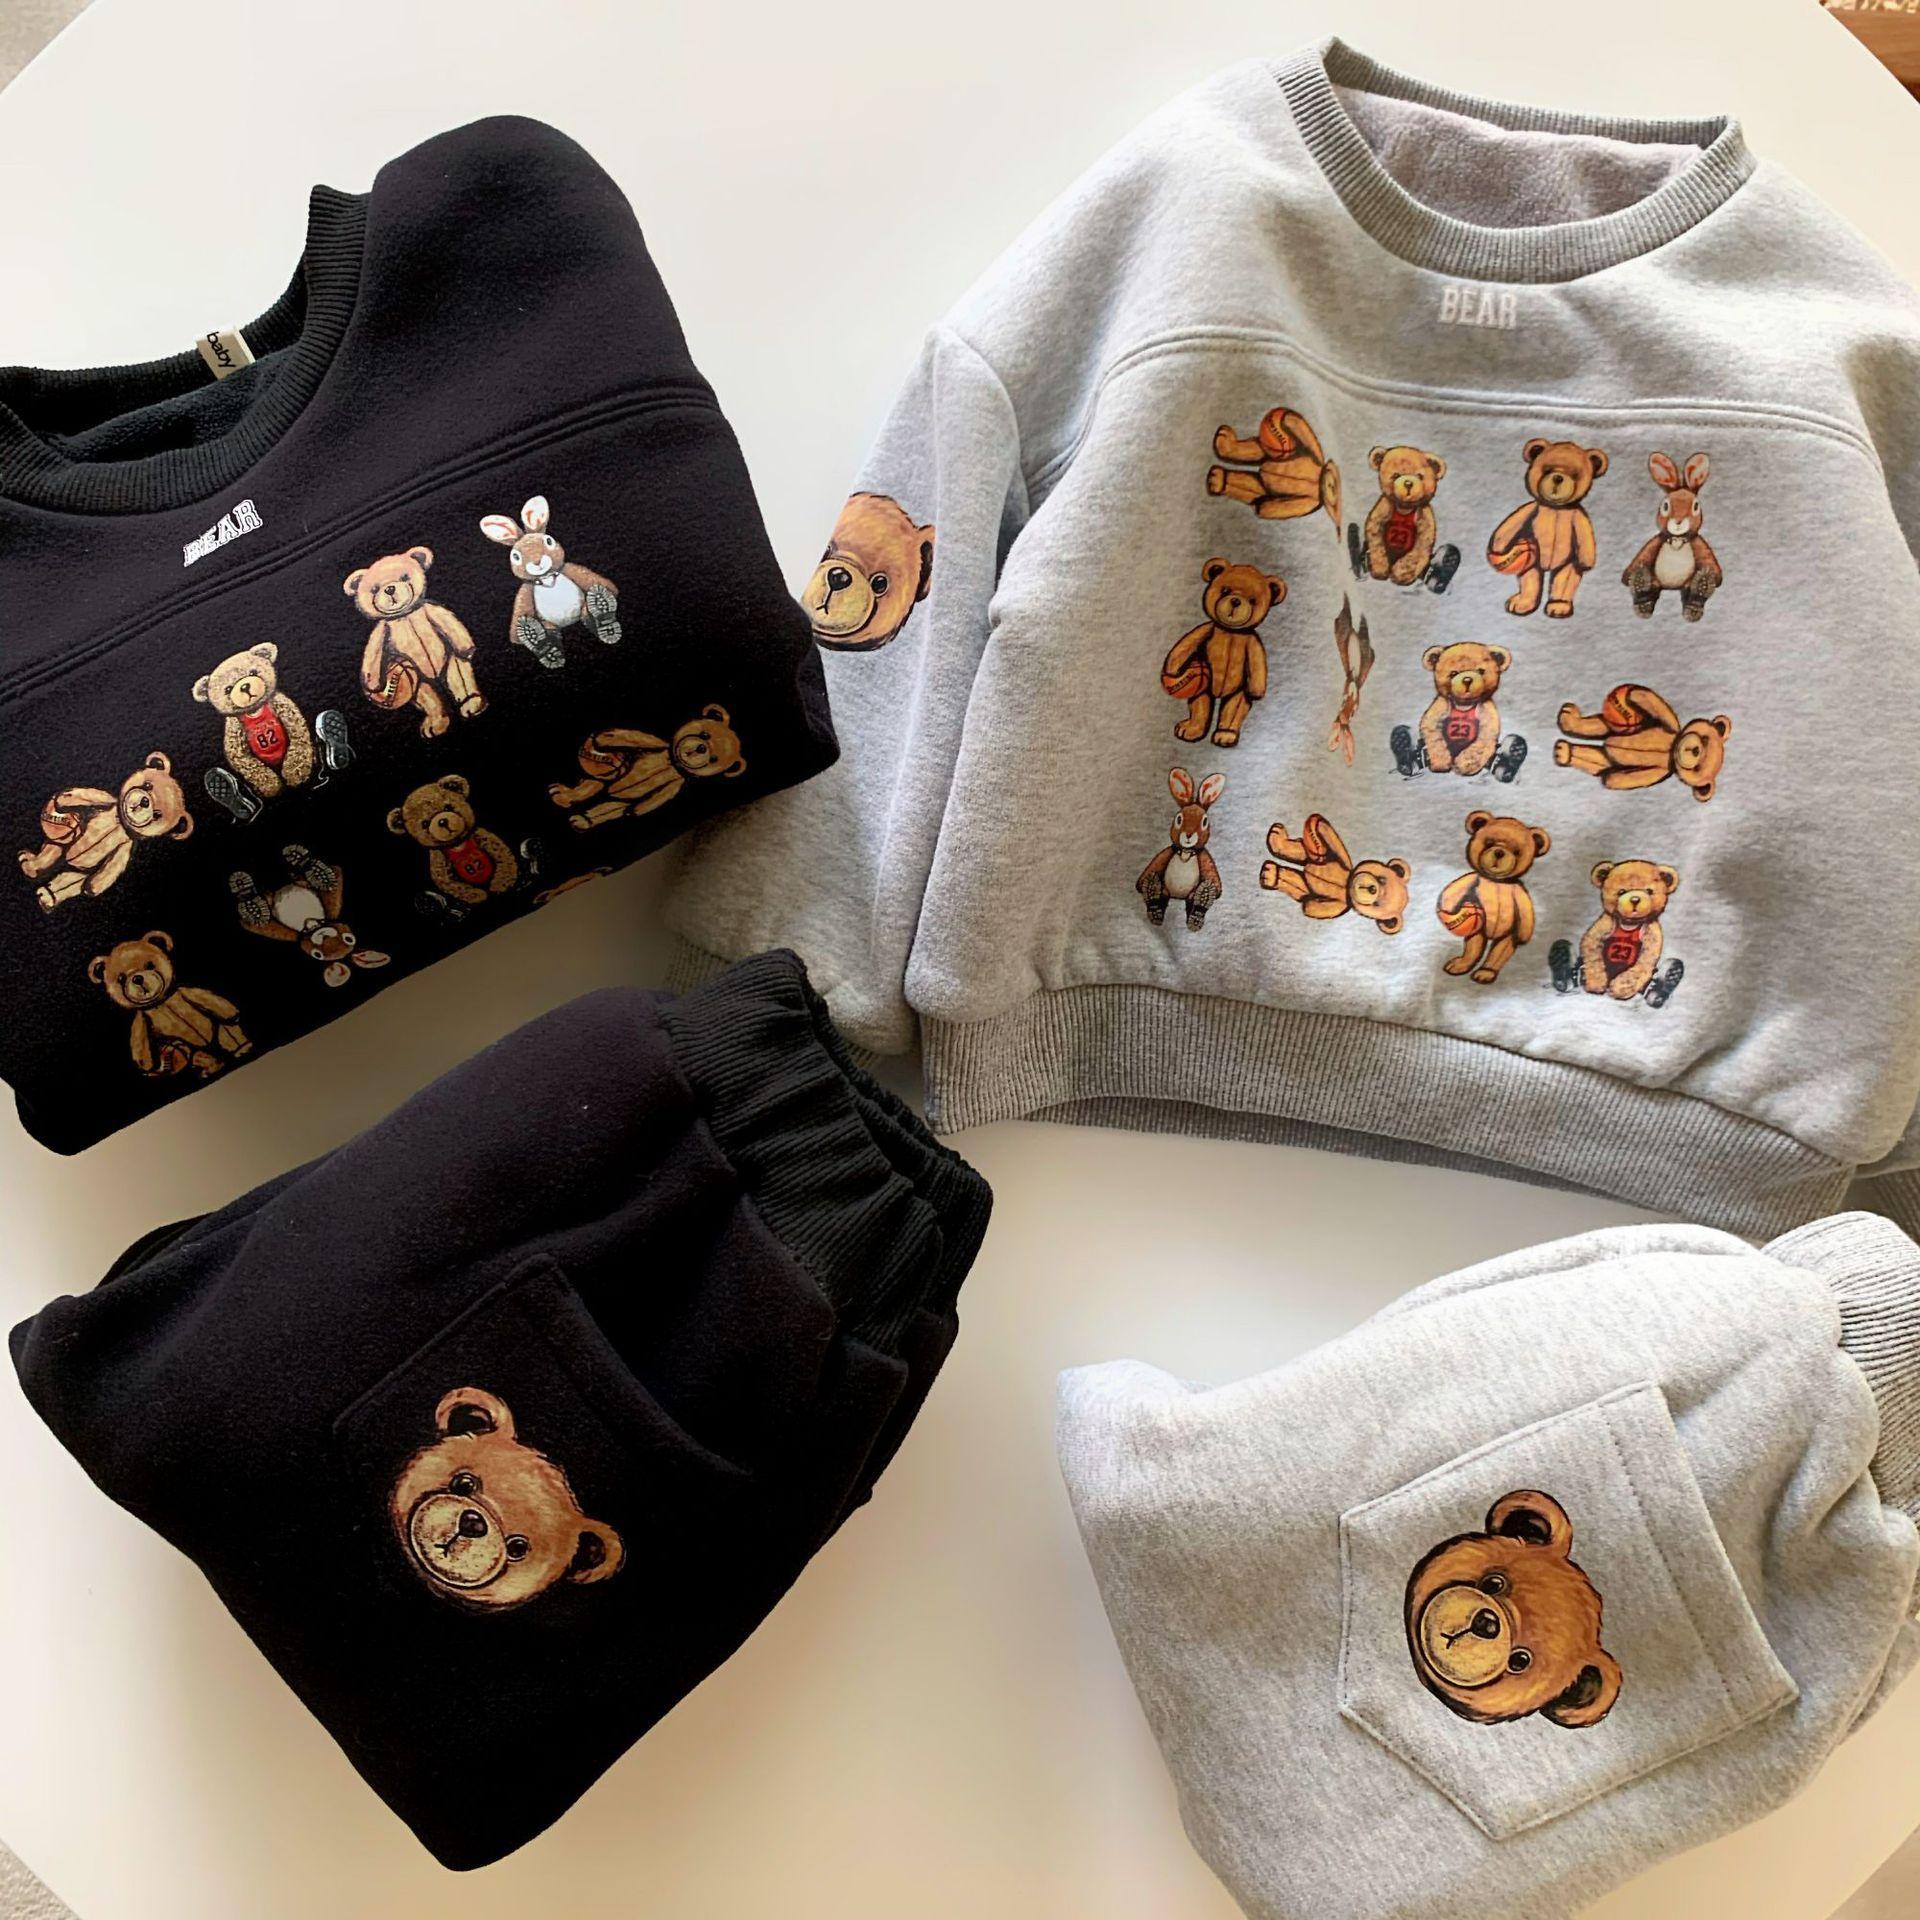 Bambini moda abbigliamento set inverno vendita calda vestiti lussuriti ragazzi ragazza felpe casual felpa casual colore solido orso stampato due pezzi vestito tuta tuta